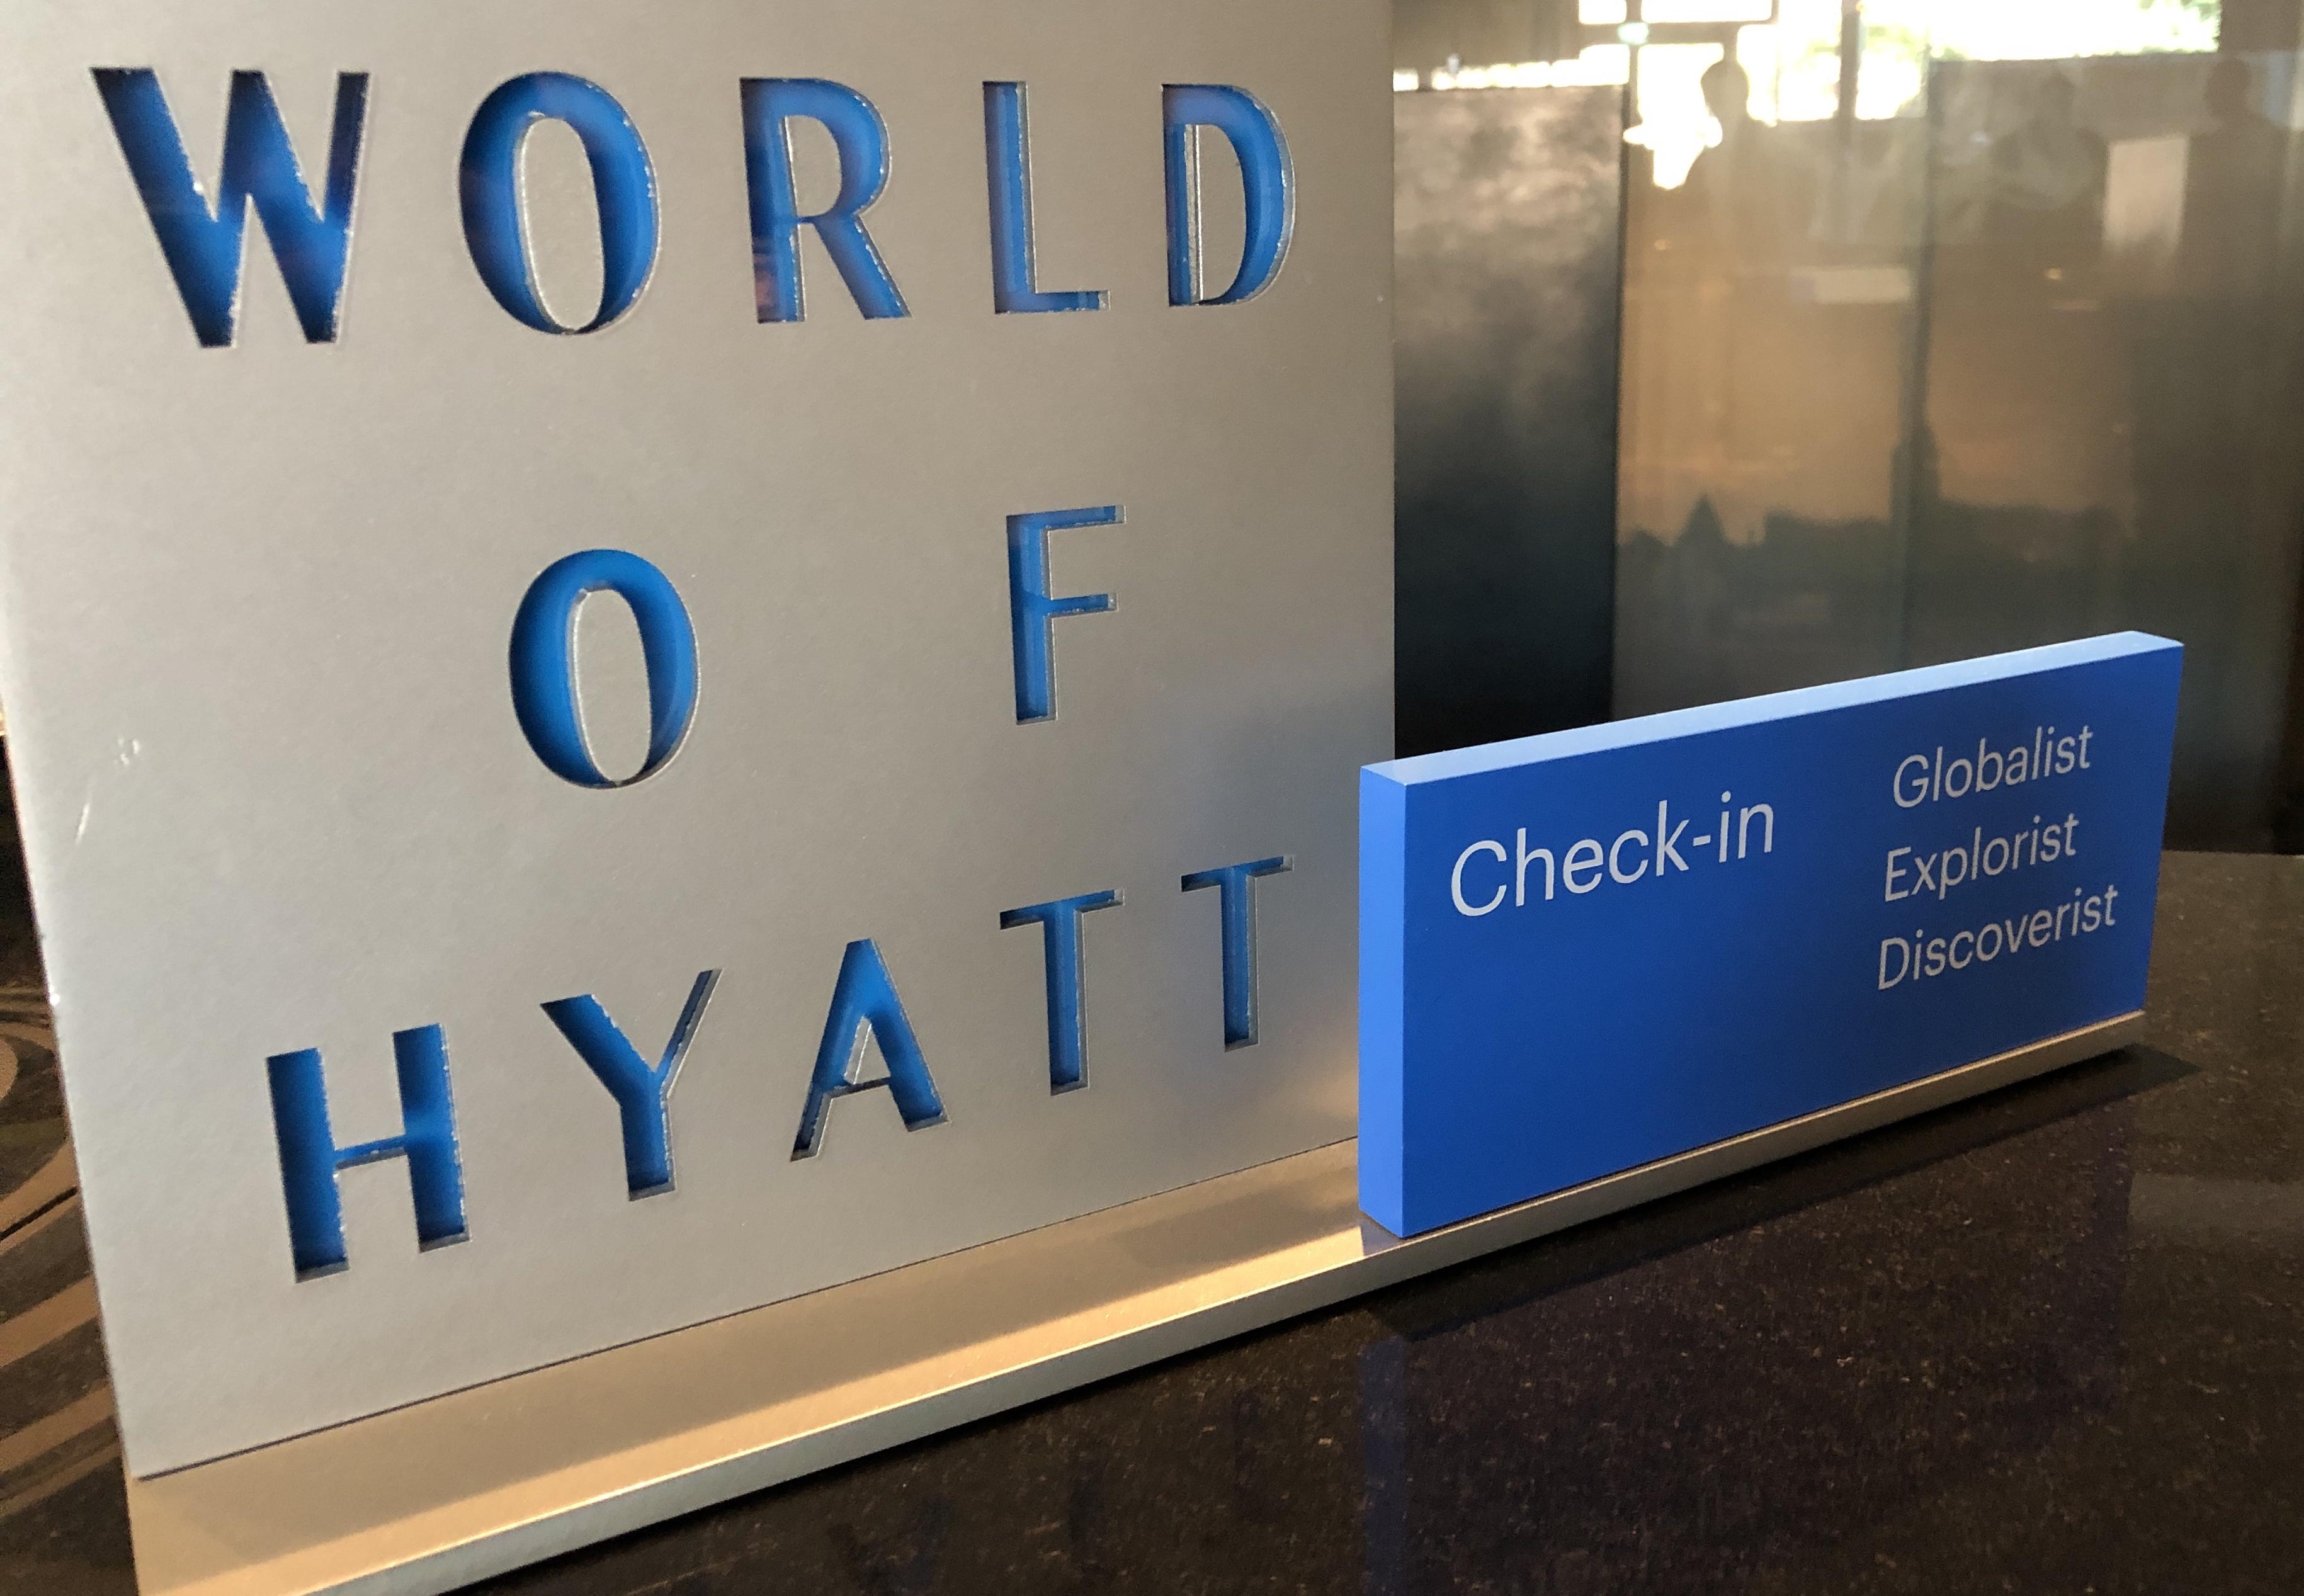 World of Hyatt – Rabatt auf Prämiennächte!